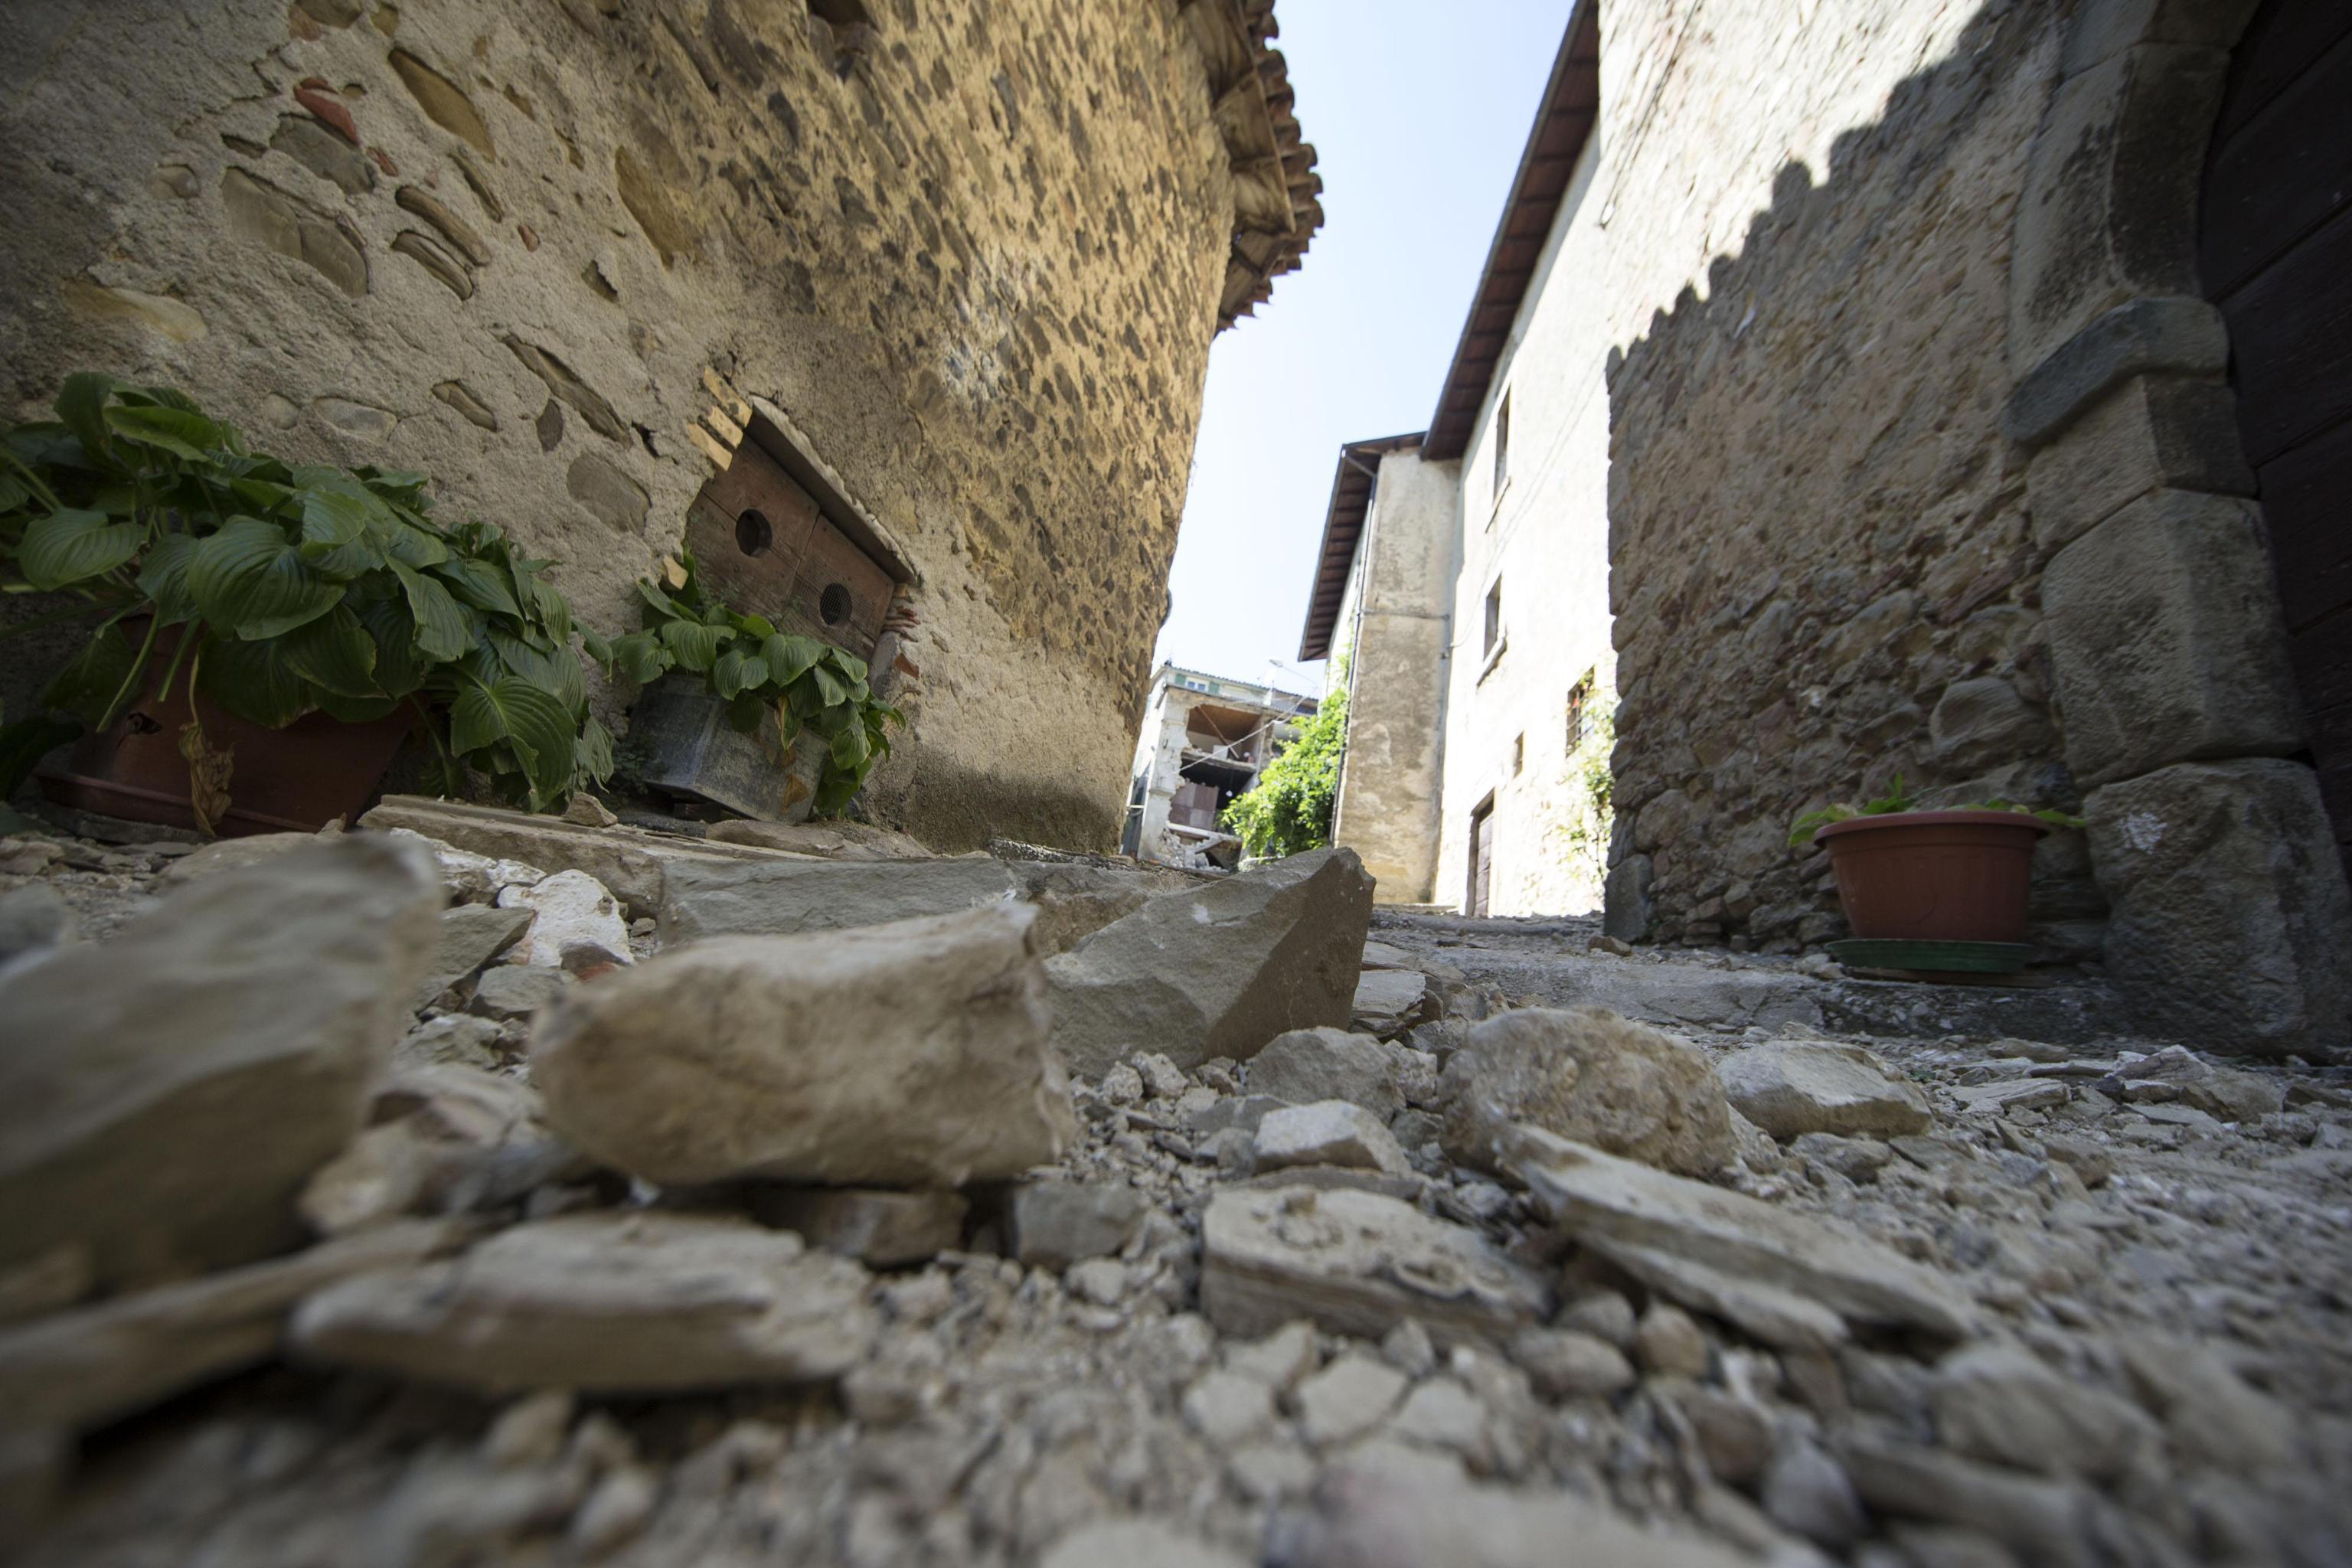 Terremoto Centro Italia, scossa di magnitudo 2.9 vicino Accumoli